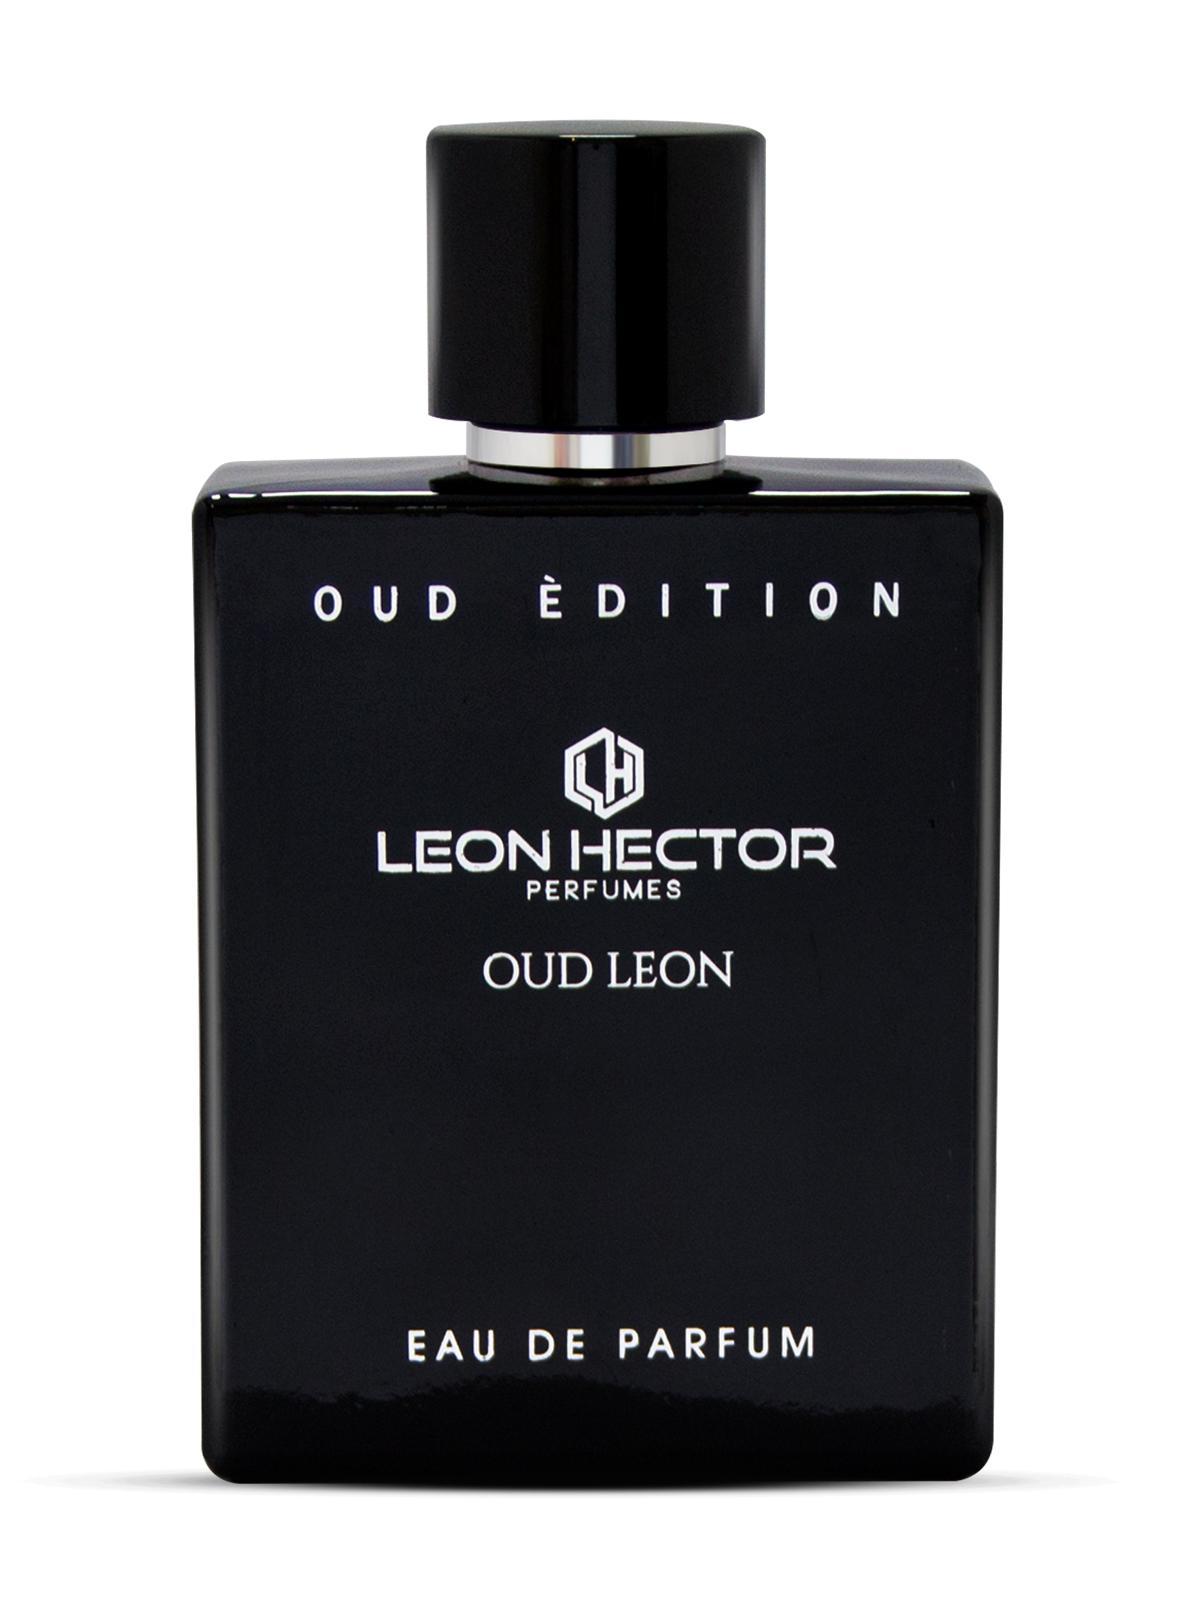 Leon Hector Oud Leon Oud Edition For Unisex Eau De Parfum 100ML